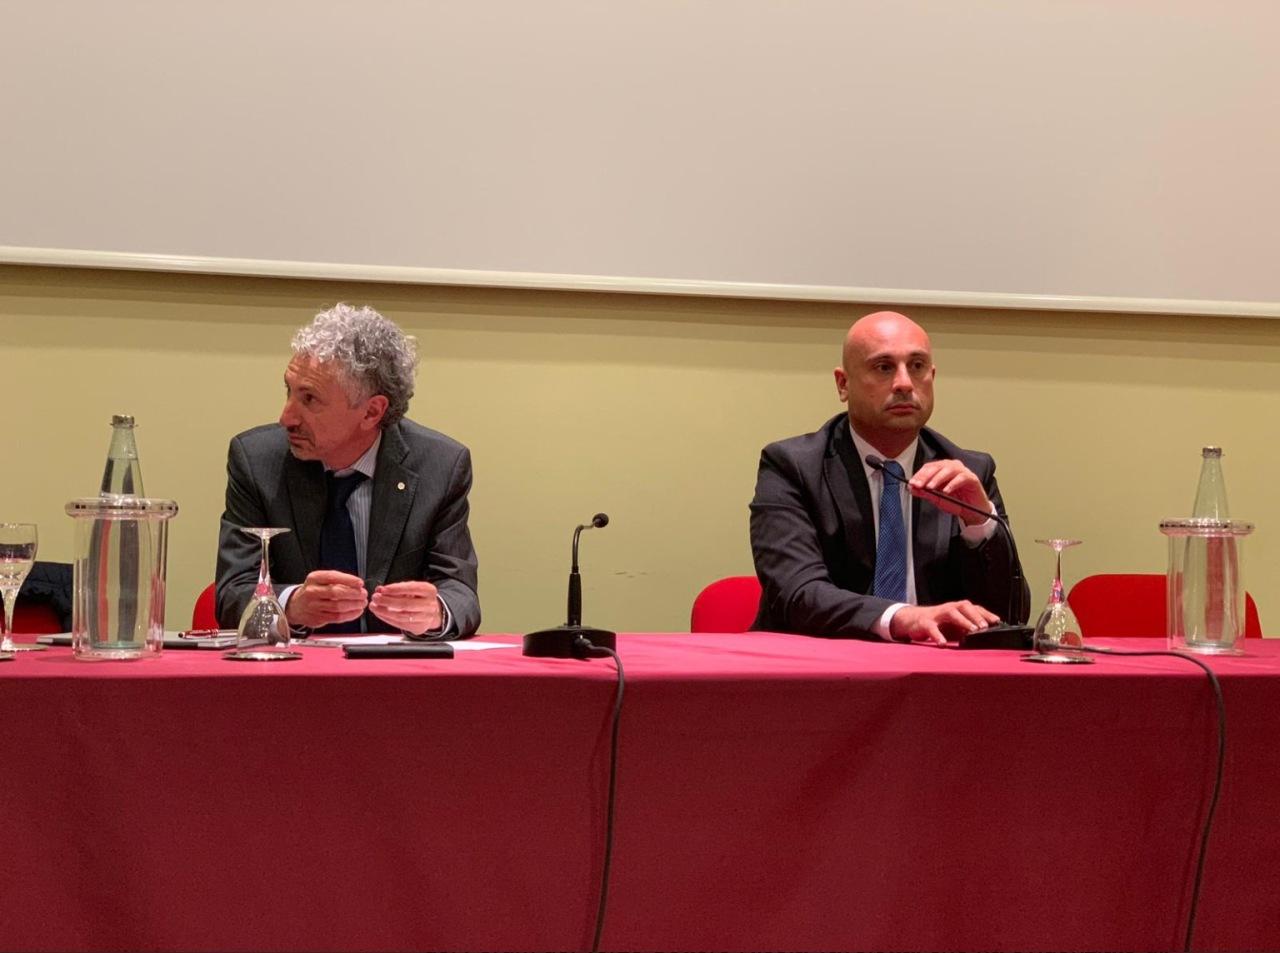 Acli, AC e Meic di Latina: concluso il ciclo di incontri sulla democrazia, relazione finale del Presidente nazionale Acli, RobertoRossini